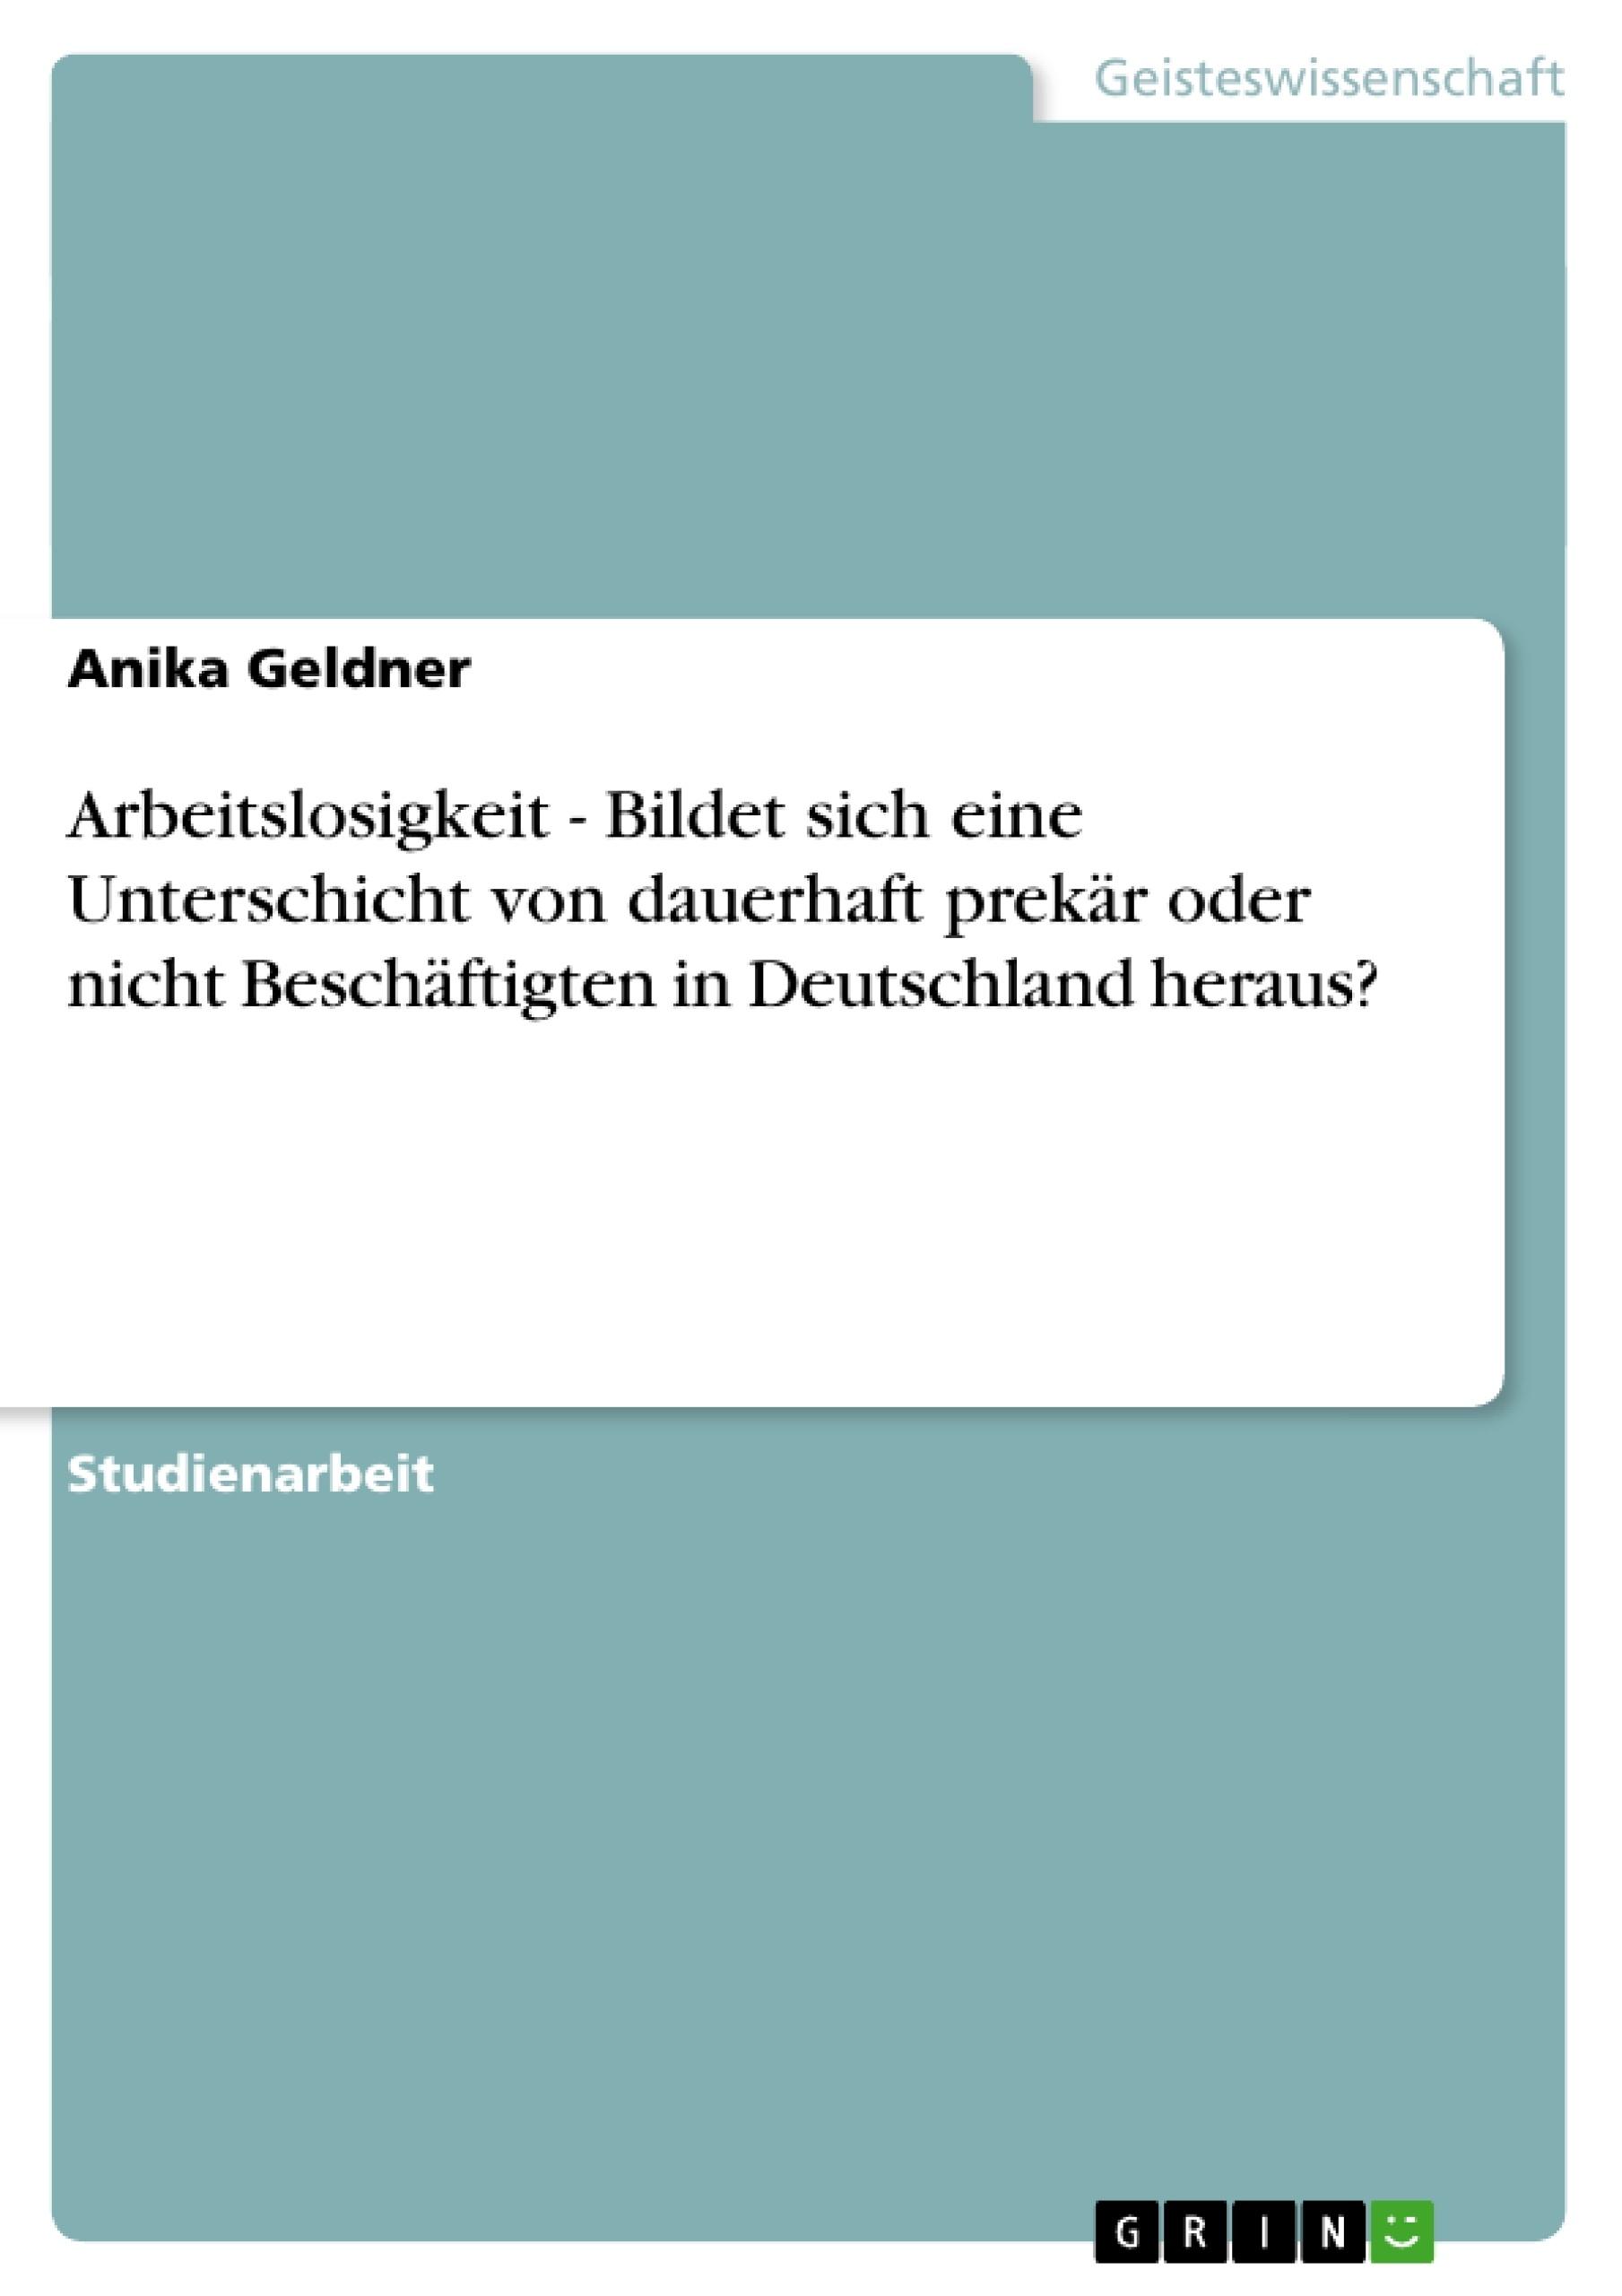 Titel: Arbeitslosigkeit - Bildet sich eine Unterschicht von dauerhaft prekär oder nicht Beschäftigten in Deutschland heraus?